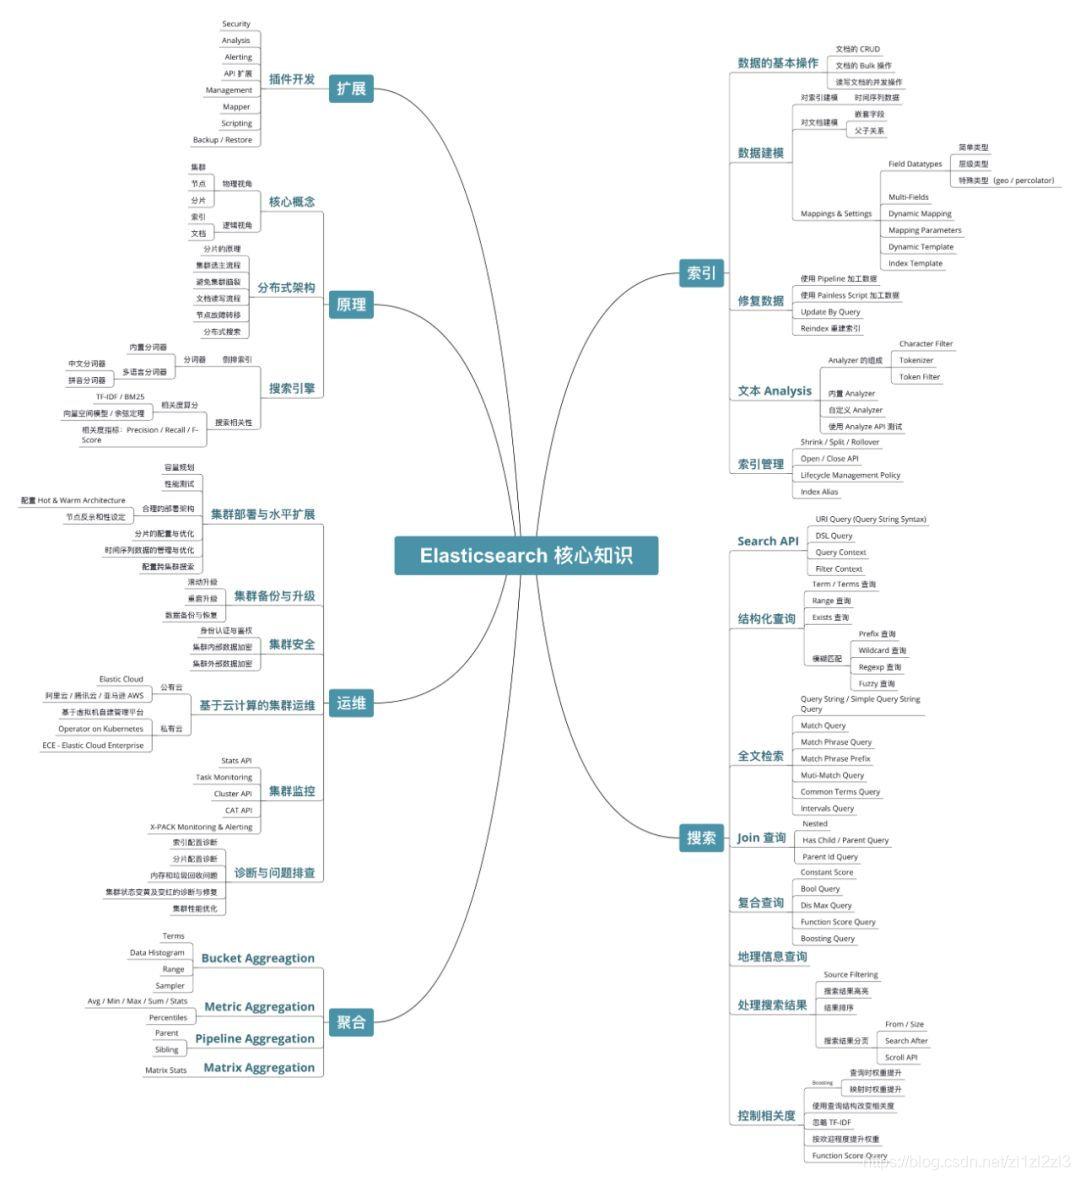 终于有人把Elasticsearch 原理讲透了- 勇往直前的专栏- CSDN博客